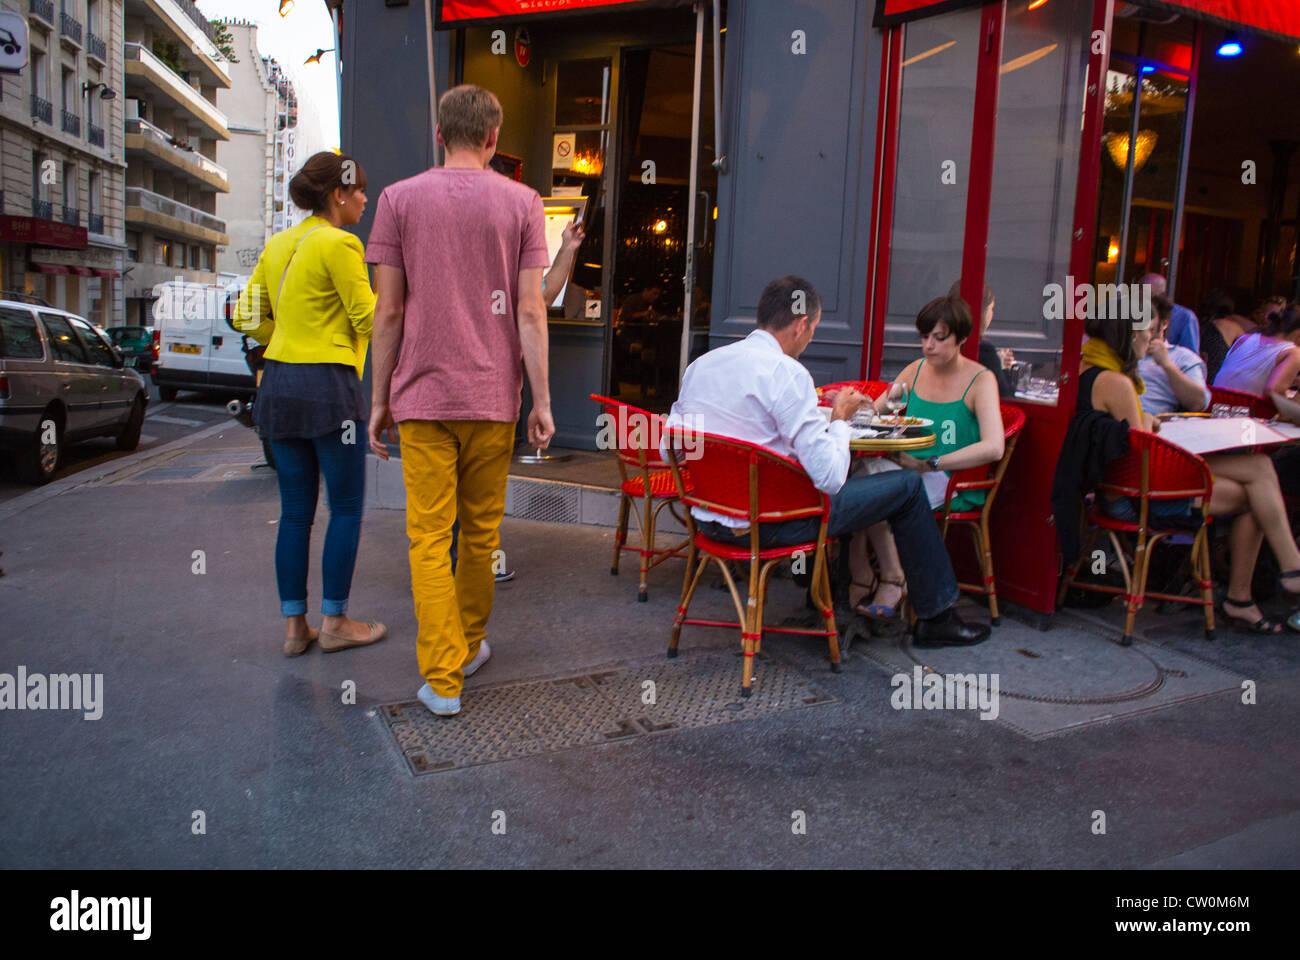 Terrasse Canal Saint Martin paris, café, la france, les français le partage des repas en